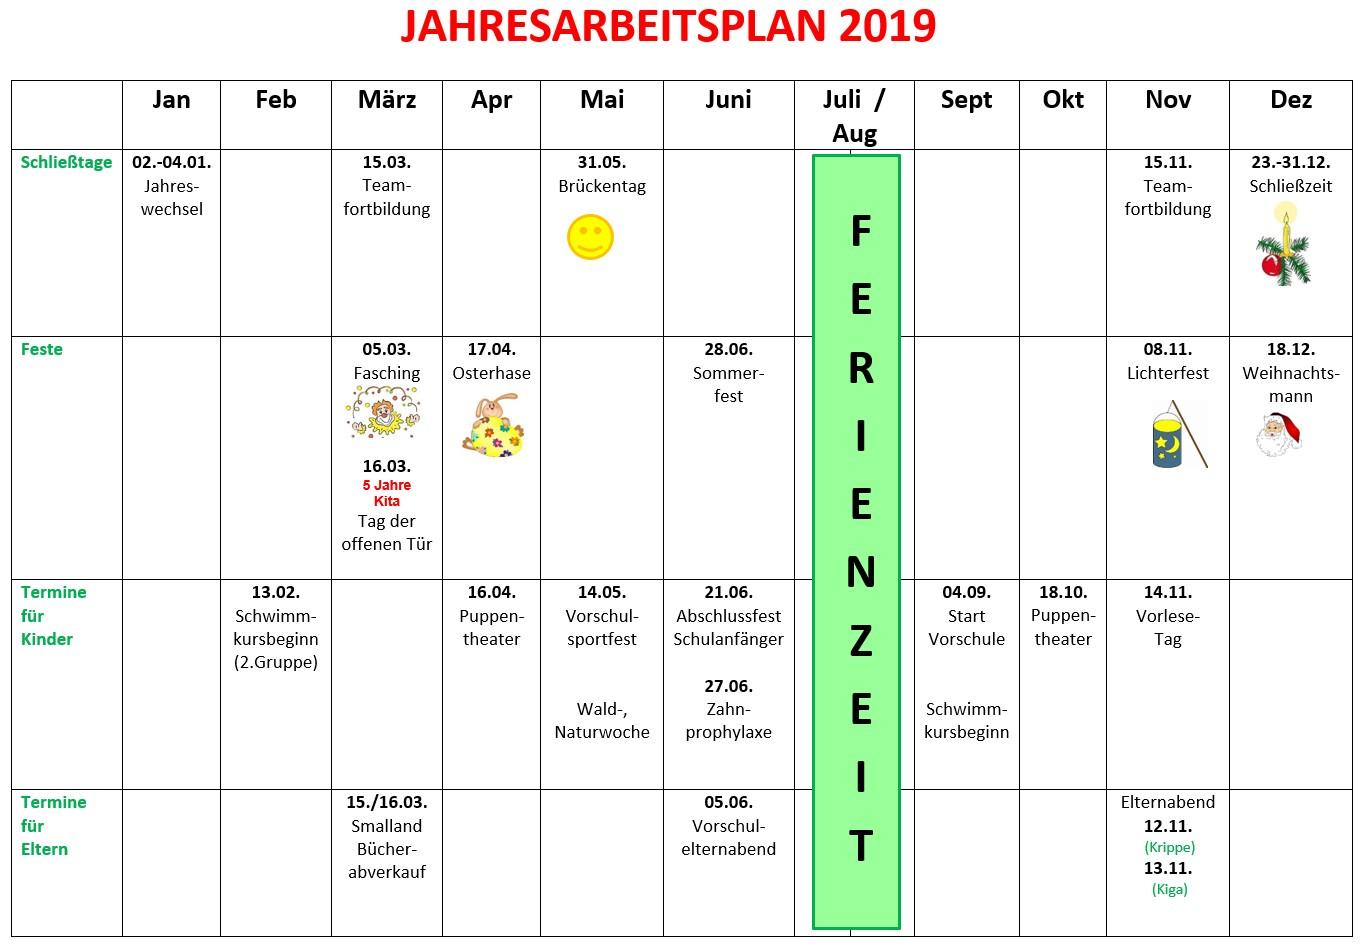 Jahresarbeitsplan2019